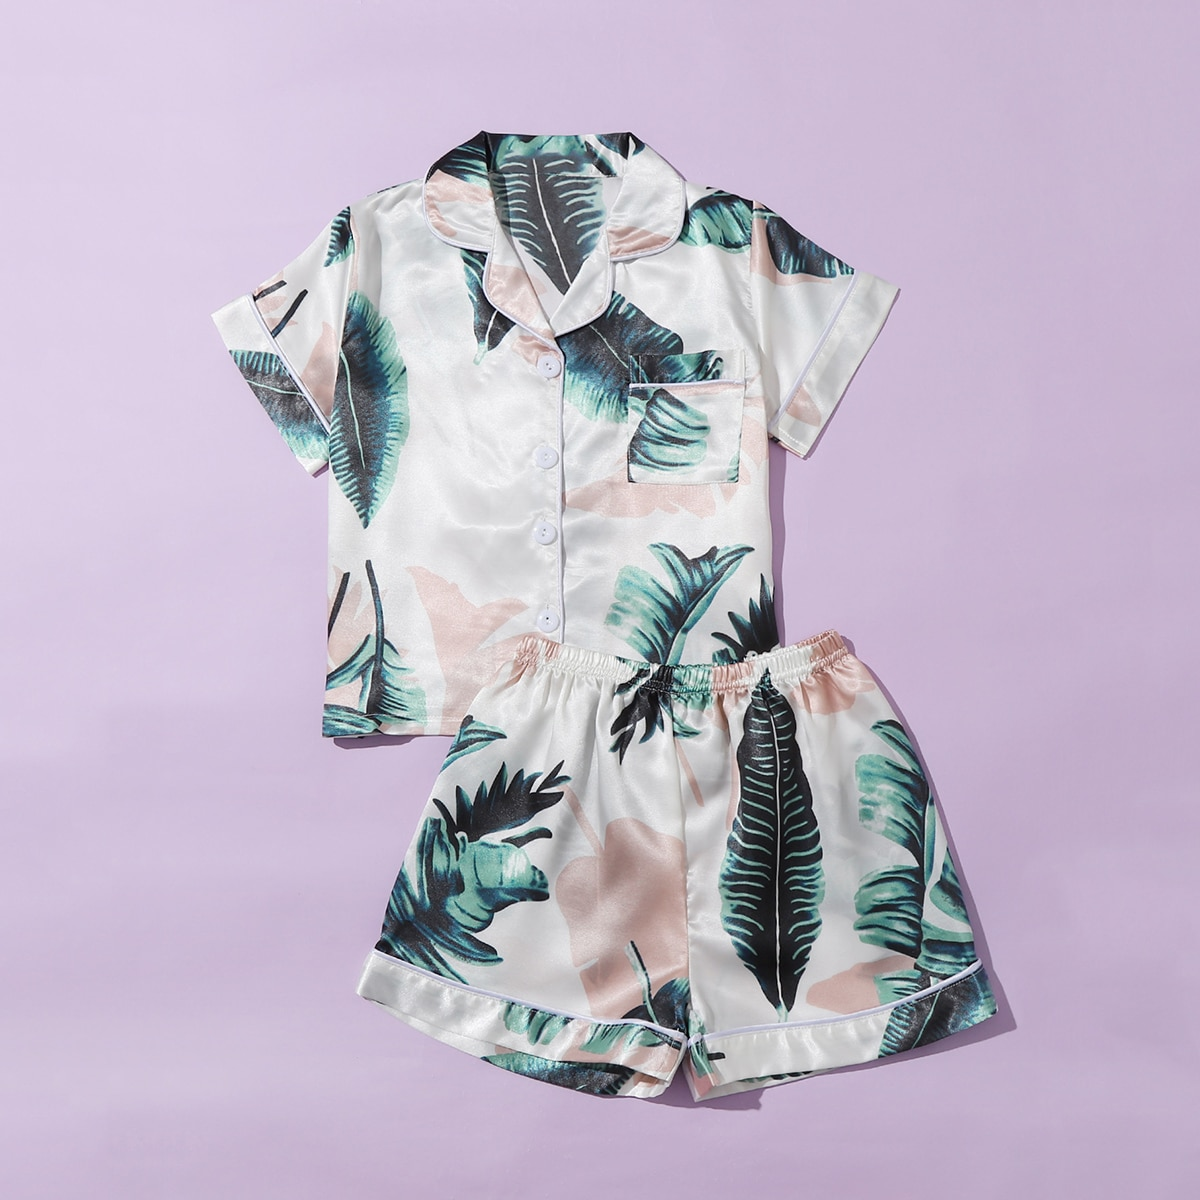 Атласная пижама с тропическим принтом для девочек фото